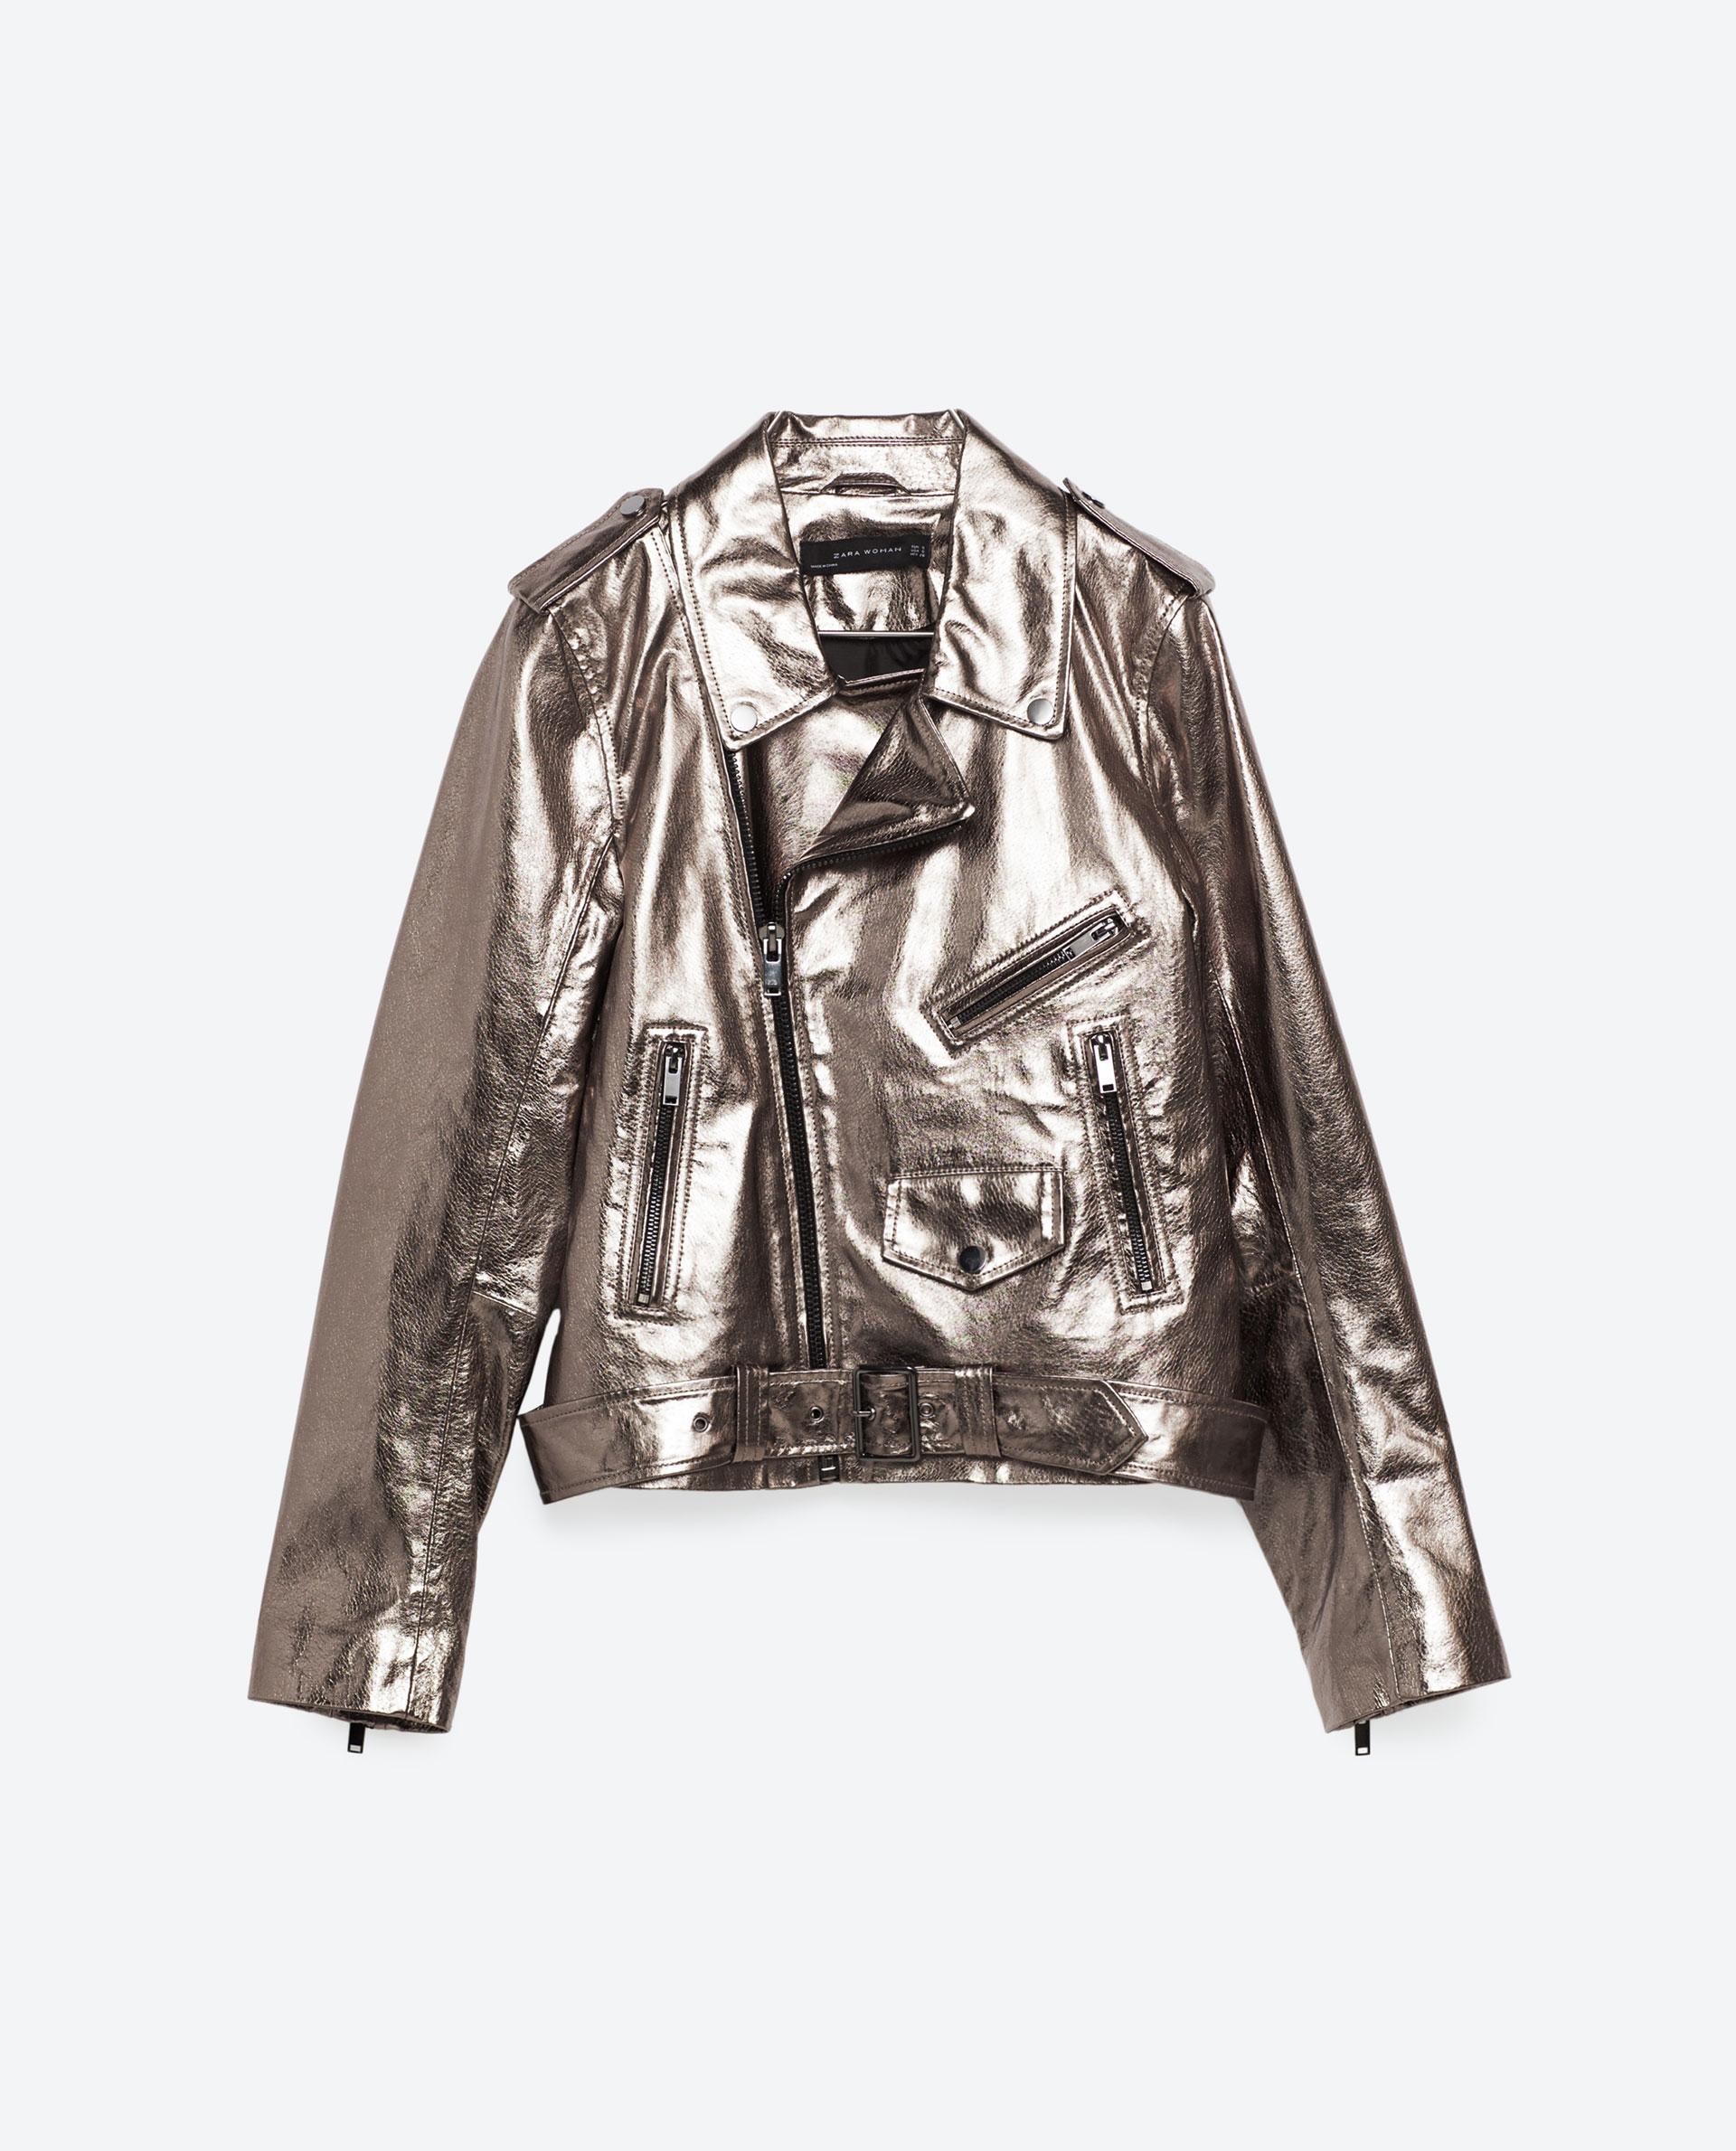 Zara Metallic Leather Jacket